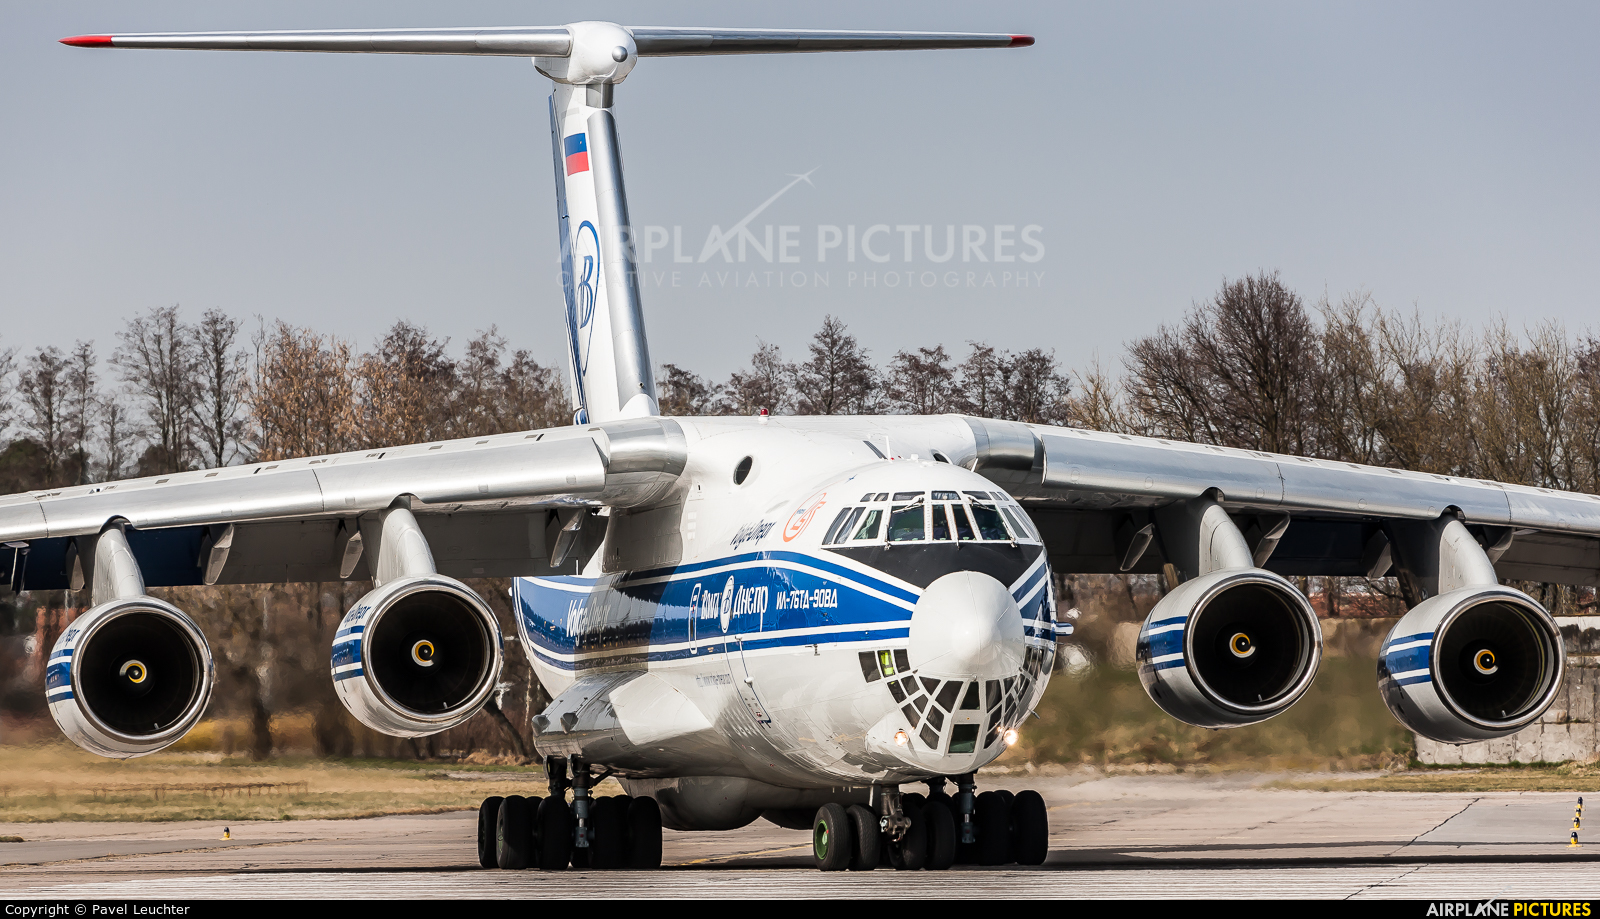 Volga Dnepr Airlines RA-76951 aircraft at Pardubice